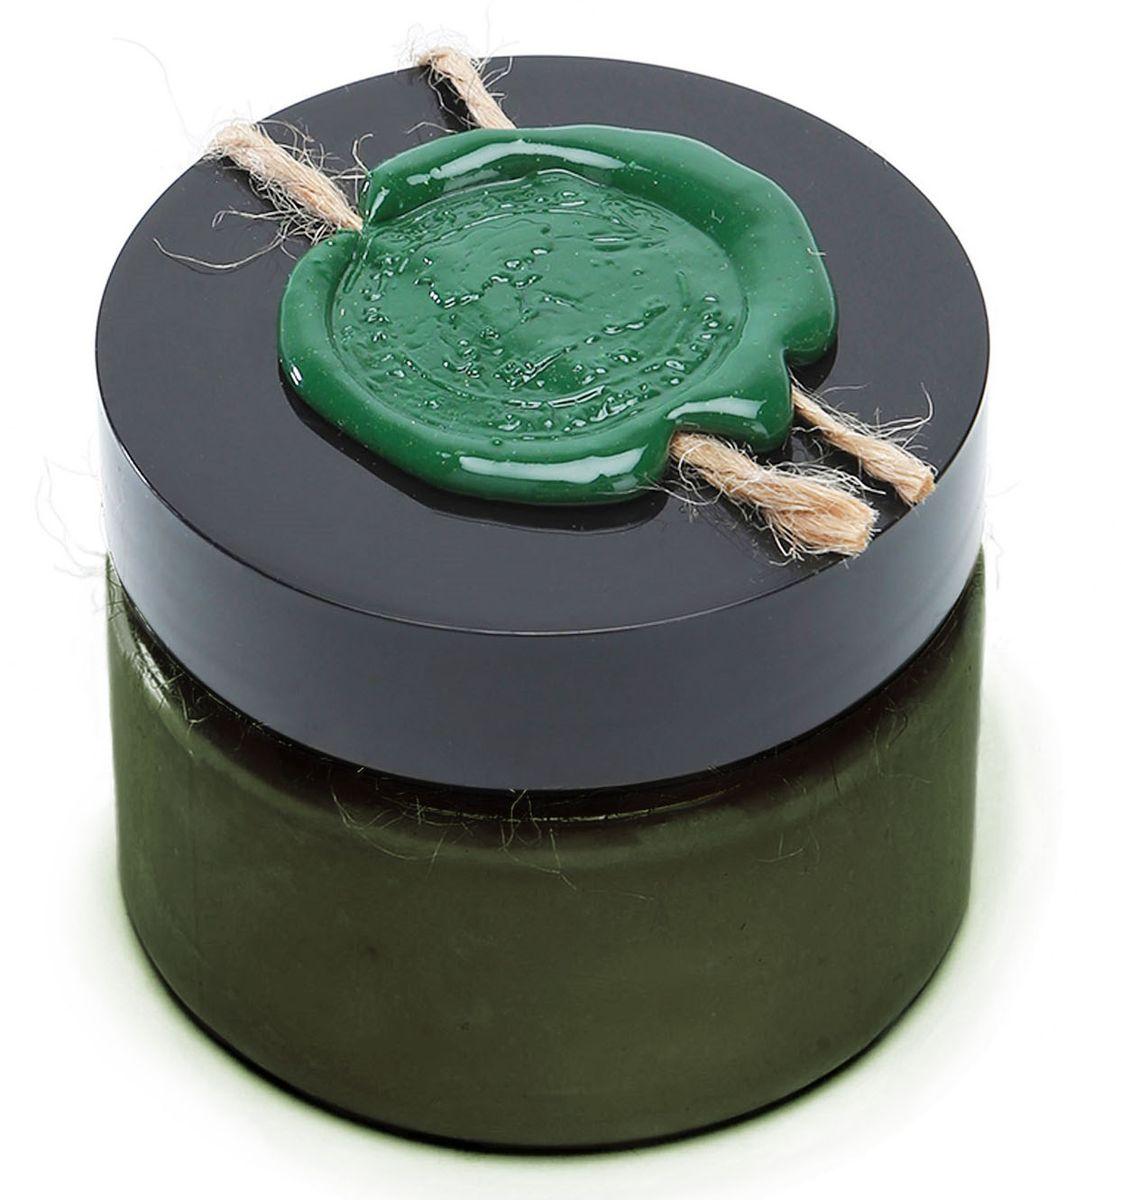 Huilargan Марокканское черное мыло Бельди с аргановым маслом, 100 г2990000004505Марокканское черное мыло Бельди обогащено аргановым маслом - это на все 100 натуральное косметическое мыло растительного происхождения. Это настоящее черное мыло - густая масса с приятным запахом, которая служит в 5 раз дольше аналогов, так как содержит меньше воды. Марокканское черное мыло - богато витамином Е, глубоко очищает кожу и поры, растворяет загрязнения и отмершие клетки; обладает увлажняющим, успокаивающим и смягчающим свойствами; подходит для всех типов кожи; не раздражает и не сушит кожу. В Марокко используют черное мыло в основном в хаммамах, но его также можно использовать в ванной.